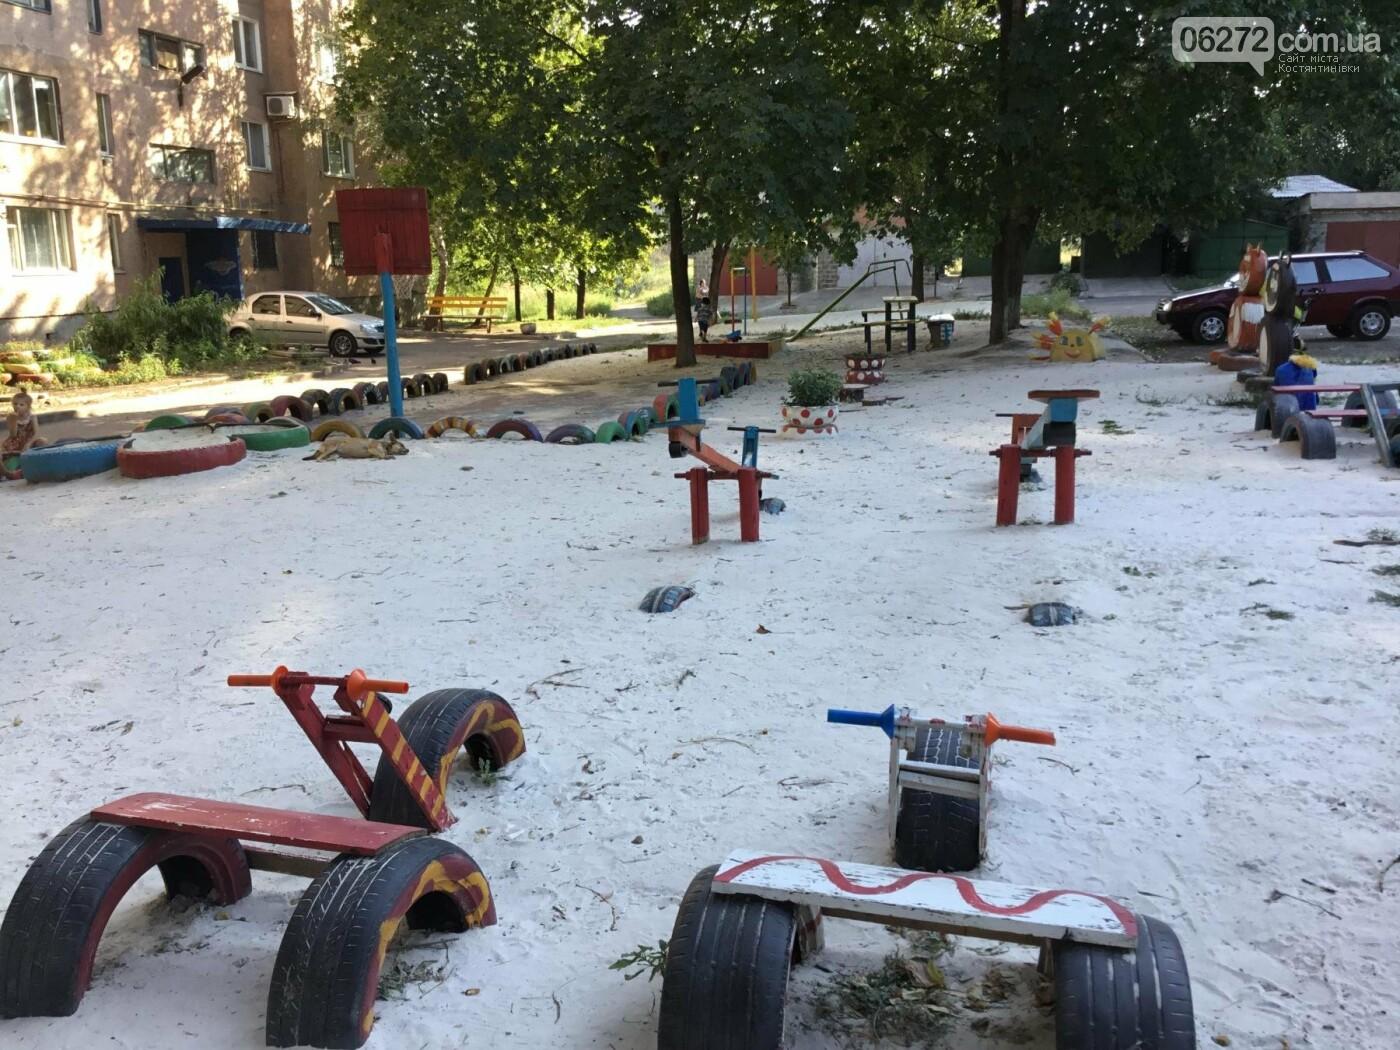 В Константиновке по ул. Безнощенко молодежь сделала спортивную площадку для детей, фото-3